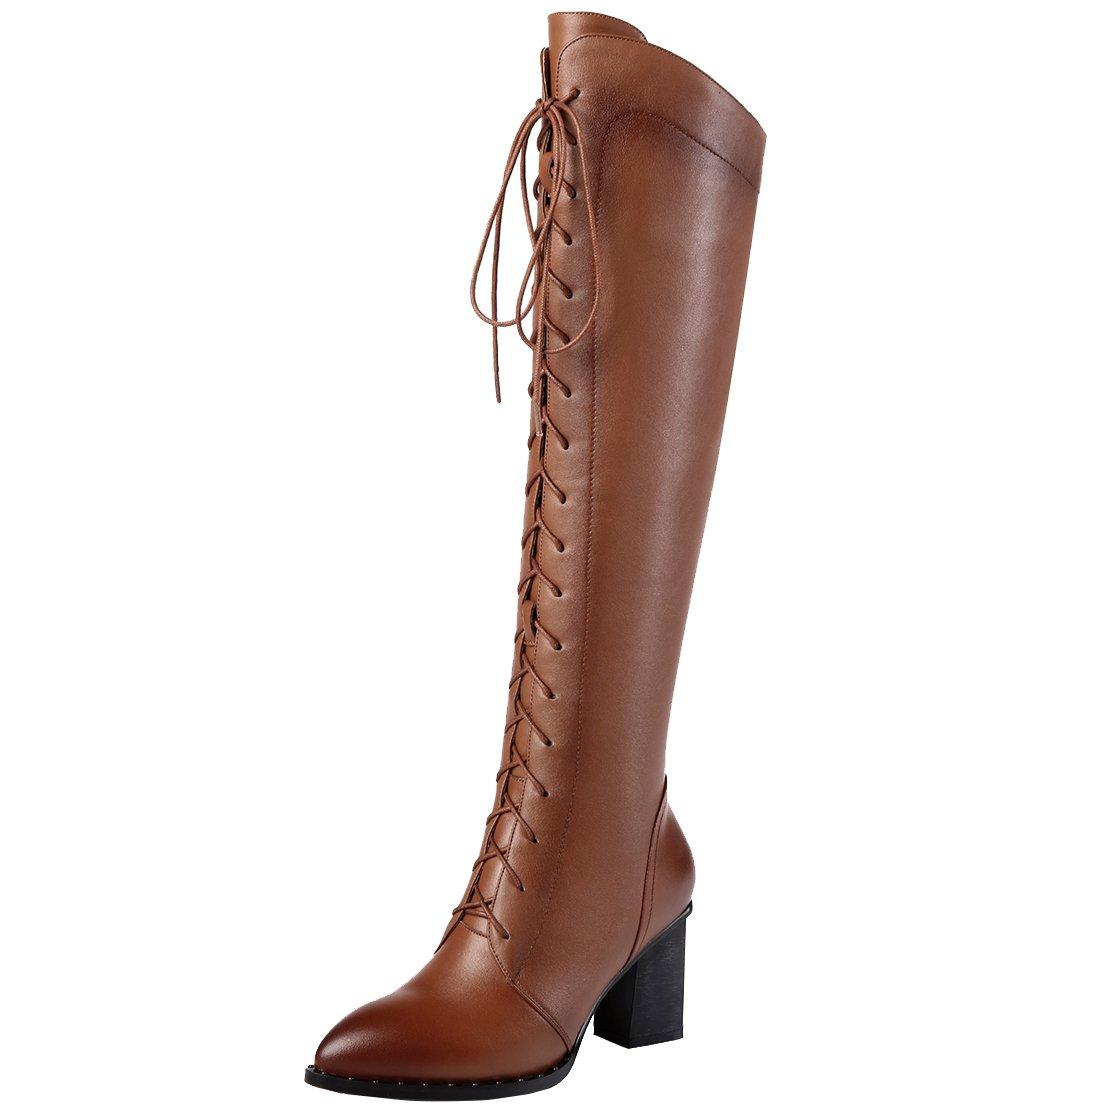 AIYOUMEI Damen Winter Leder Kniehohe Stiefel mit 7cm Absatz und Schnürung Eelgant Winter Knee High Stiefel